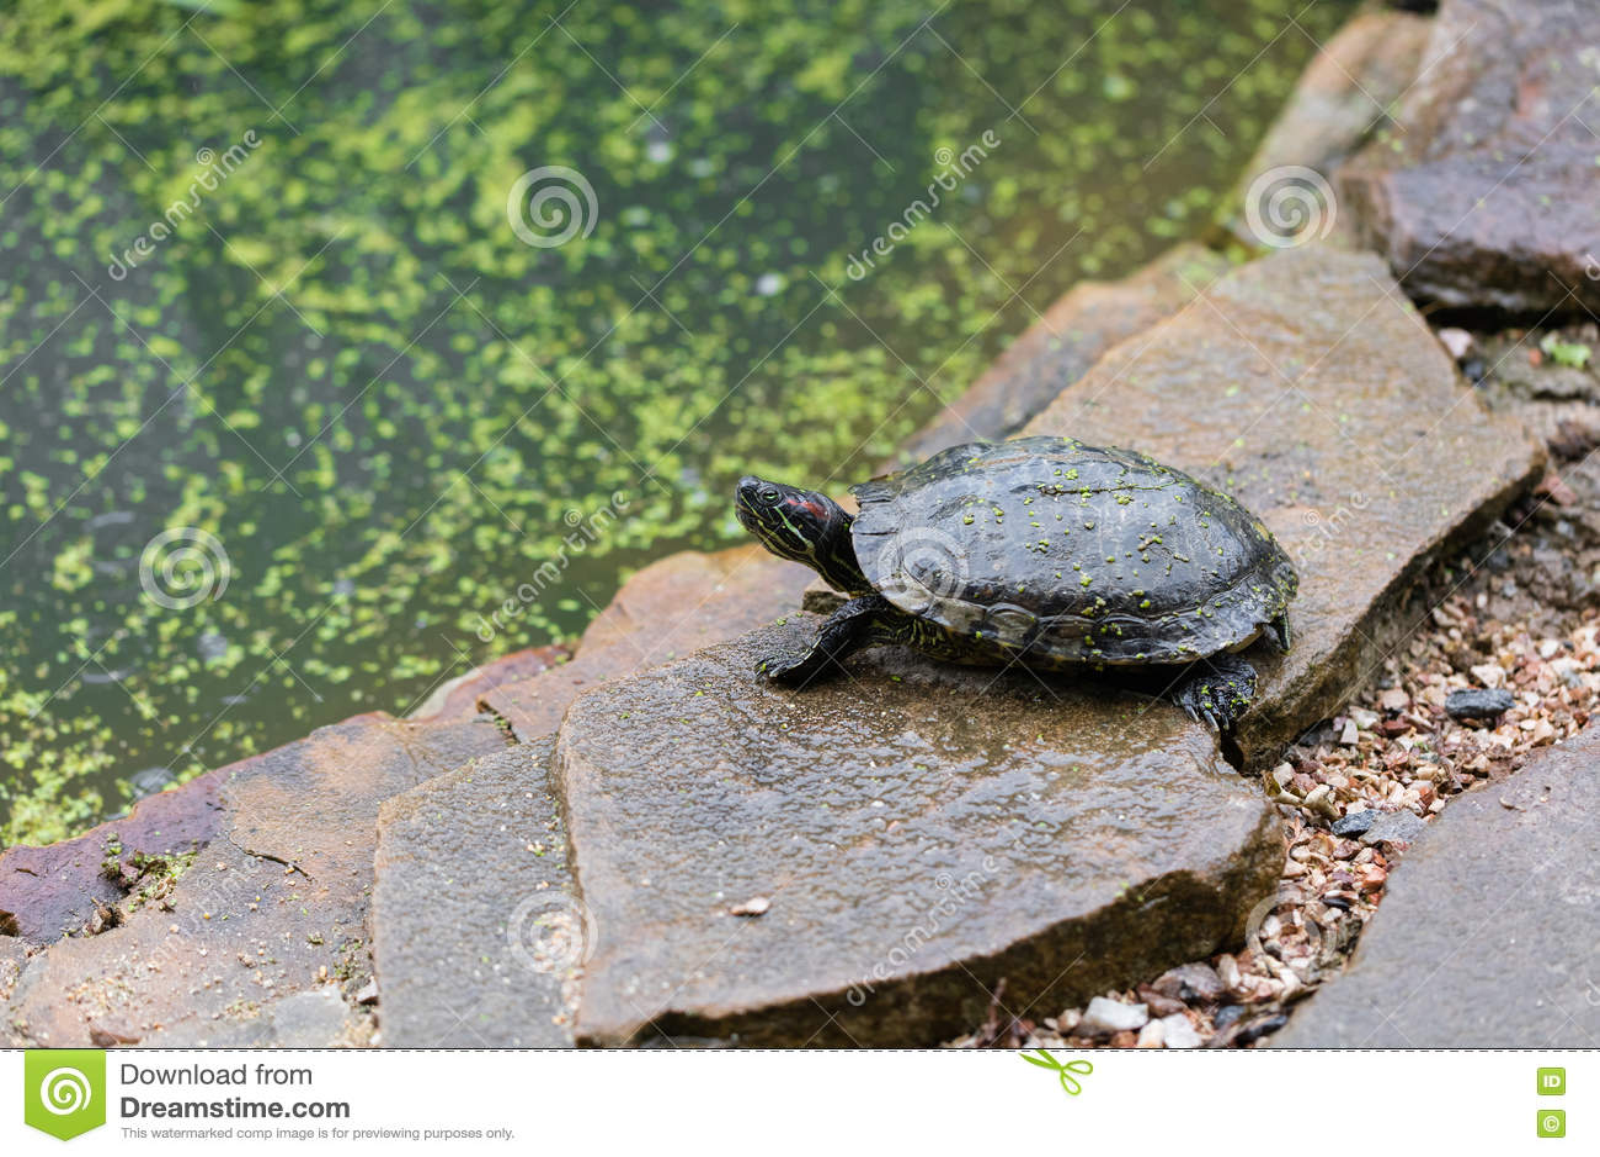 Tartarughe d 39 acqua dolce una fotografia stock immagine for Stagno tartarughe